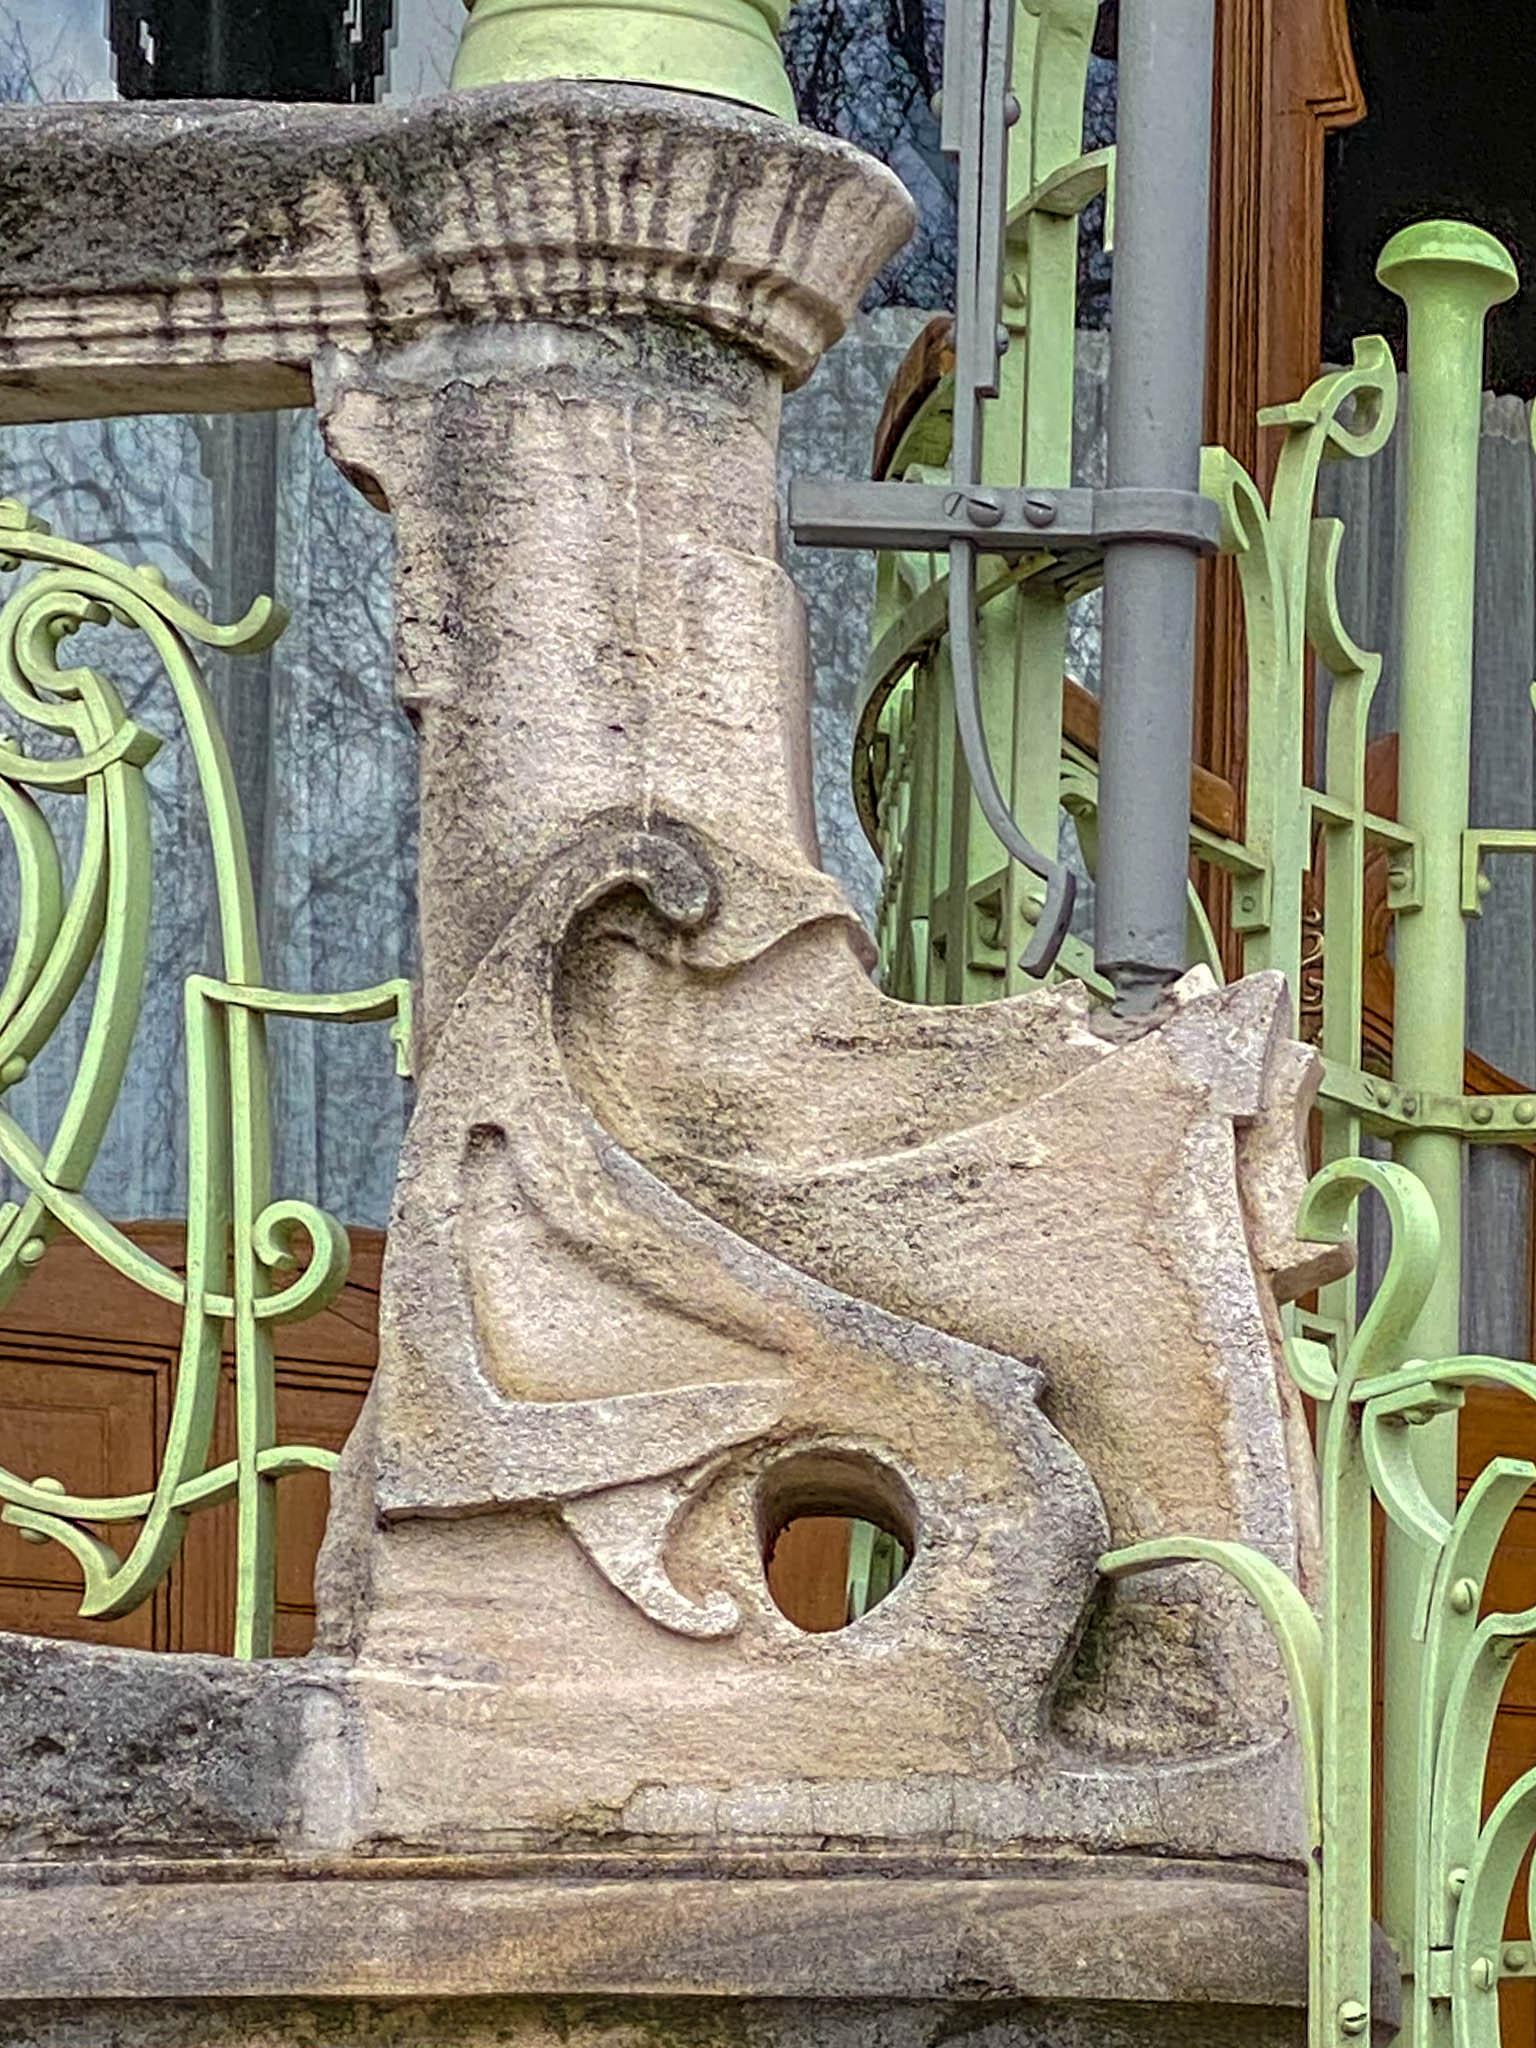 Maison Saint-Cyr, 1901-1903. Architect: Gustave Strauven